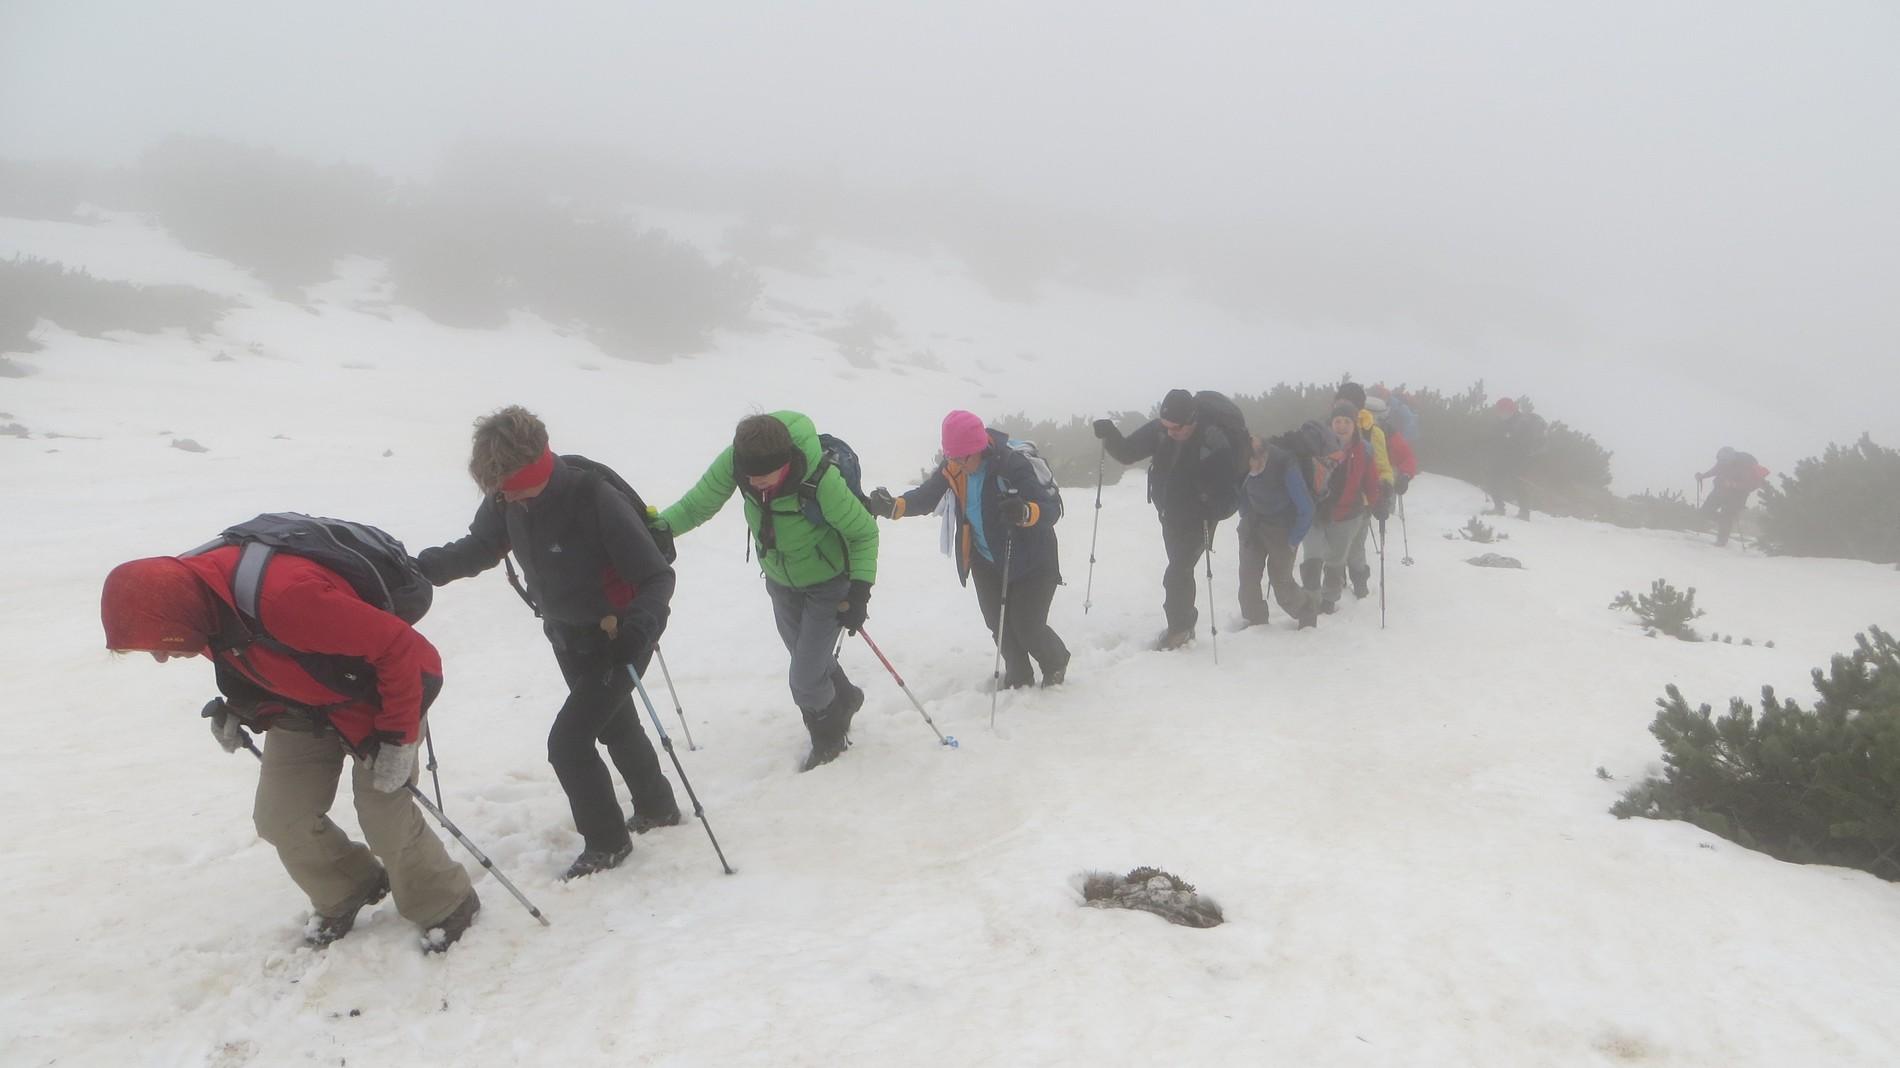 Srednji vrh in Hudičev boršt